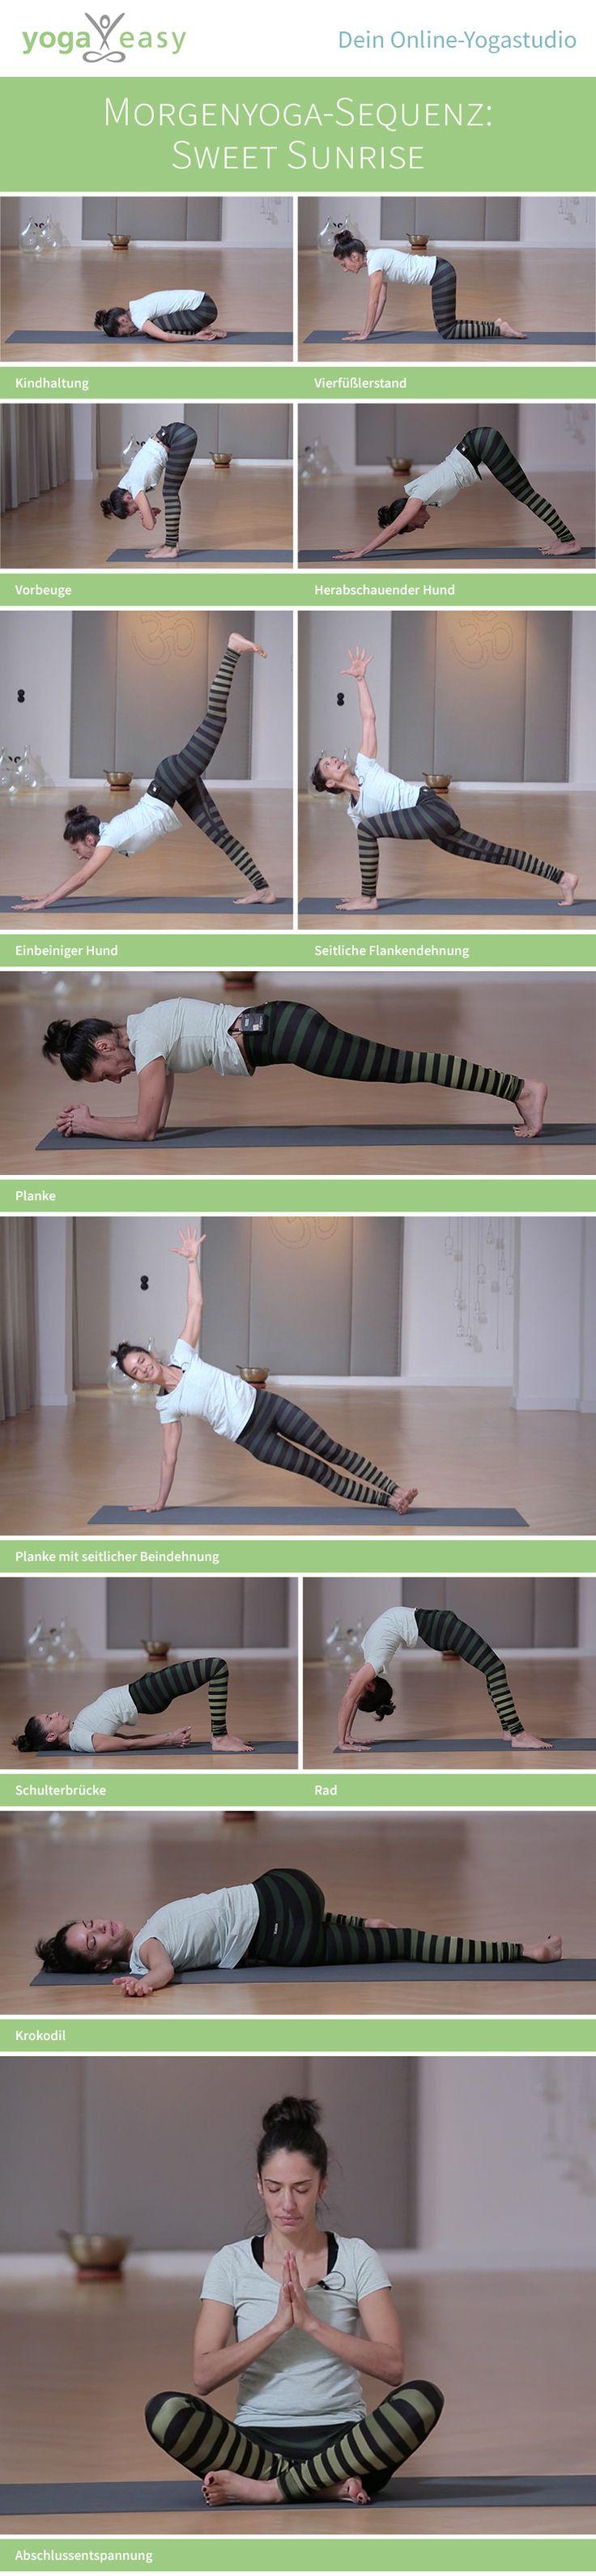 Yoga am Morgen: Diese Asana-Sequenz macht dich fit für den Tag